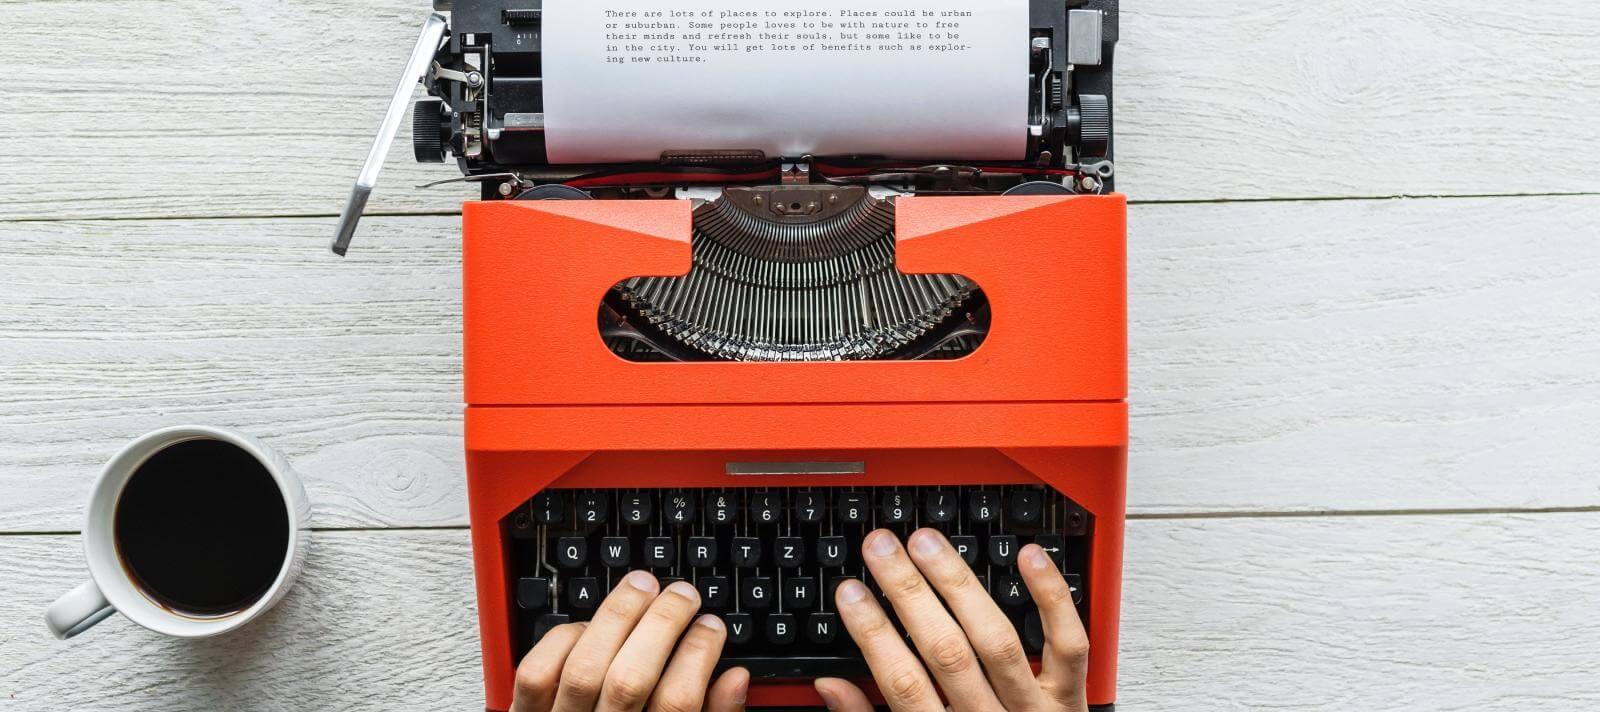 Typewriter - Score At The Top